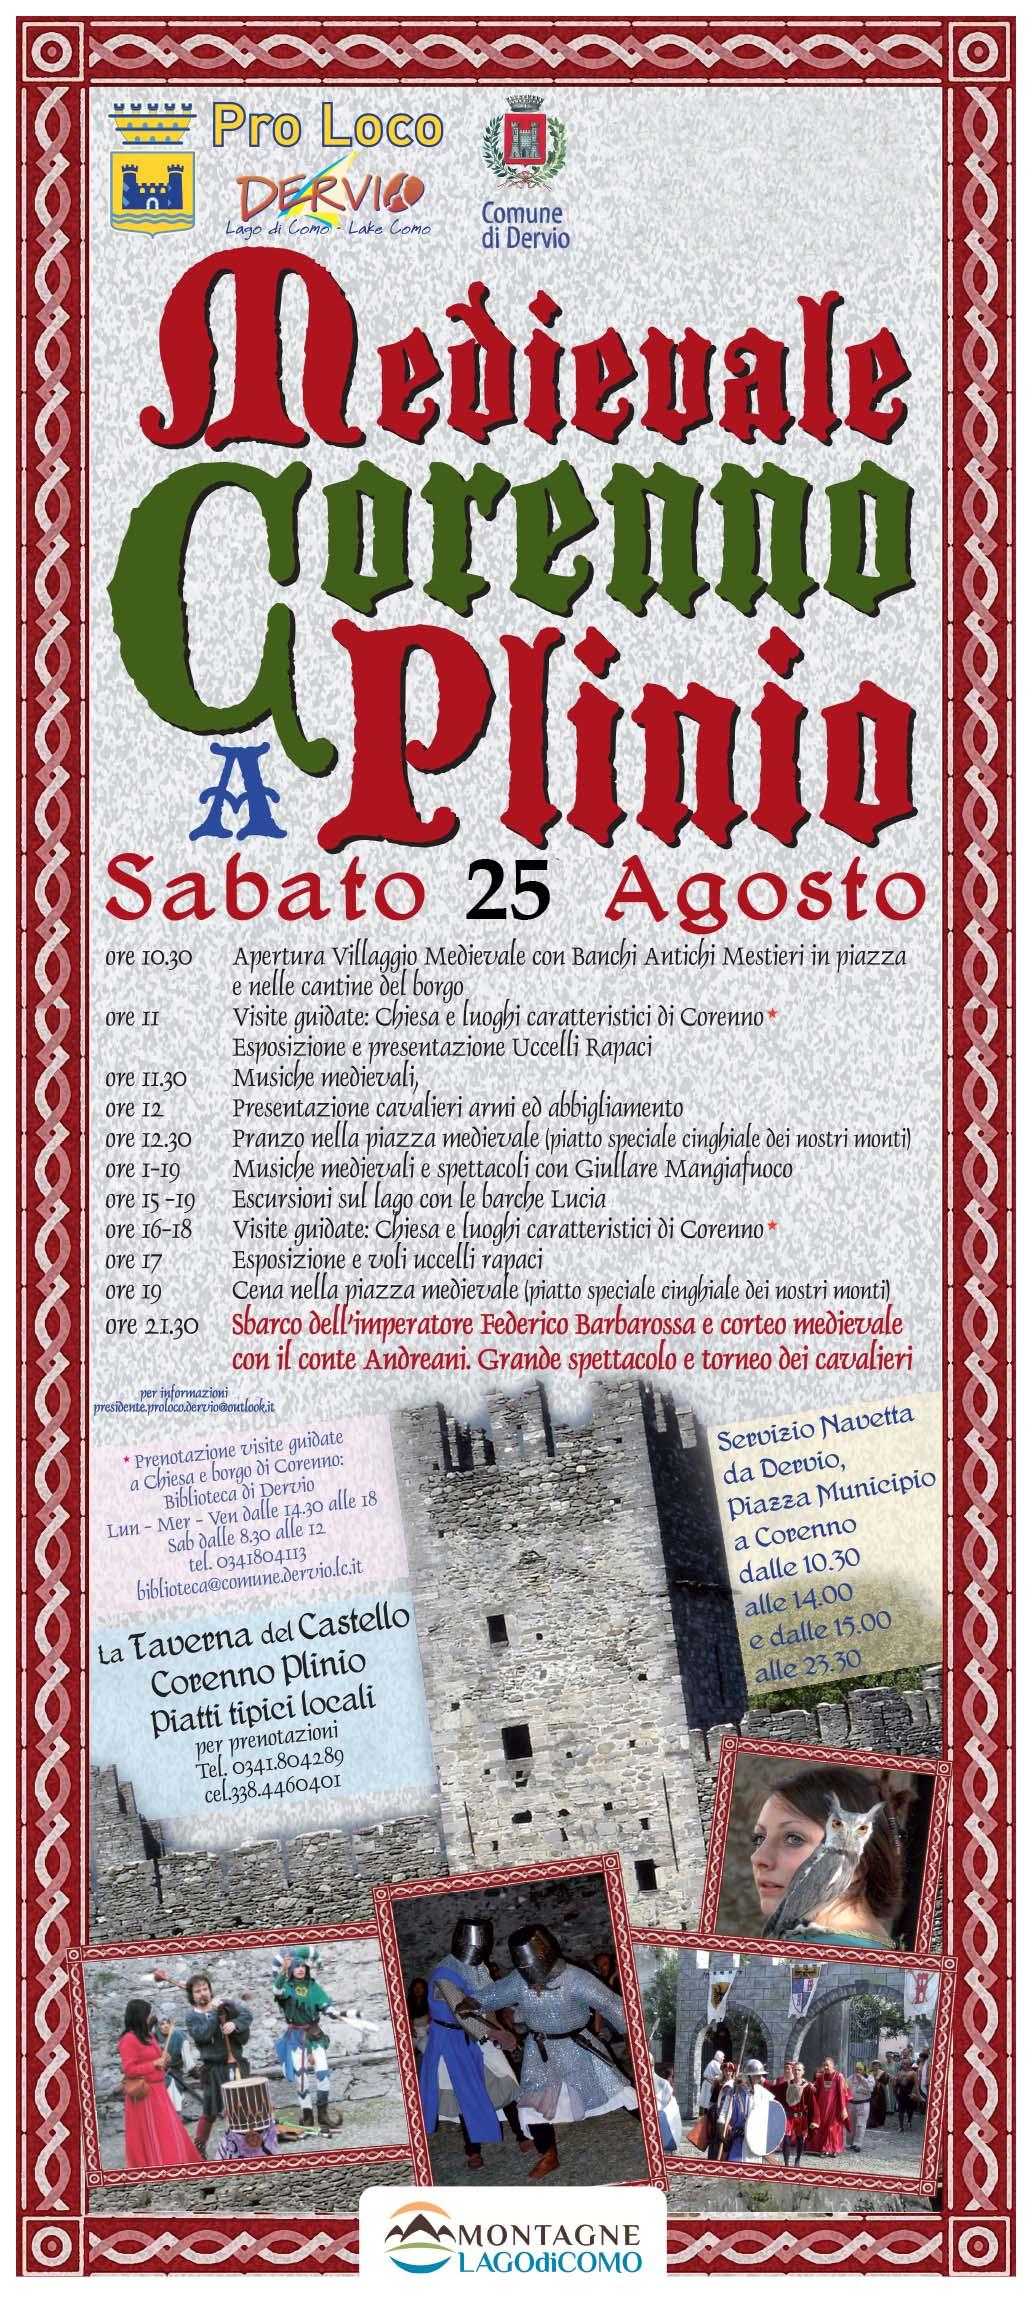 Medioevale a Corenno Plinio – POSTICIPATO A SABATO 1 SETTEMBRE